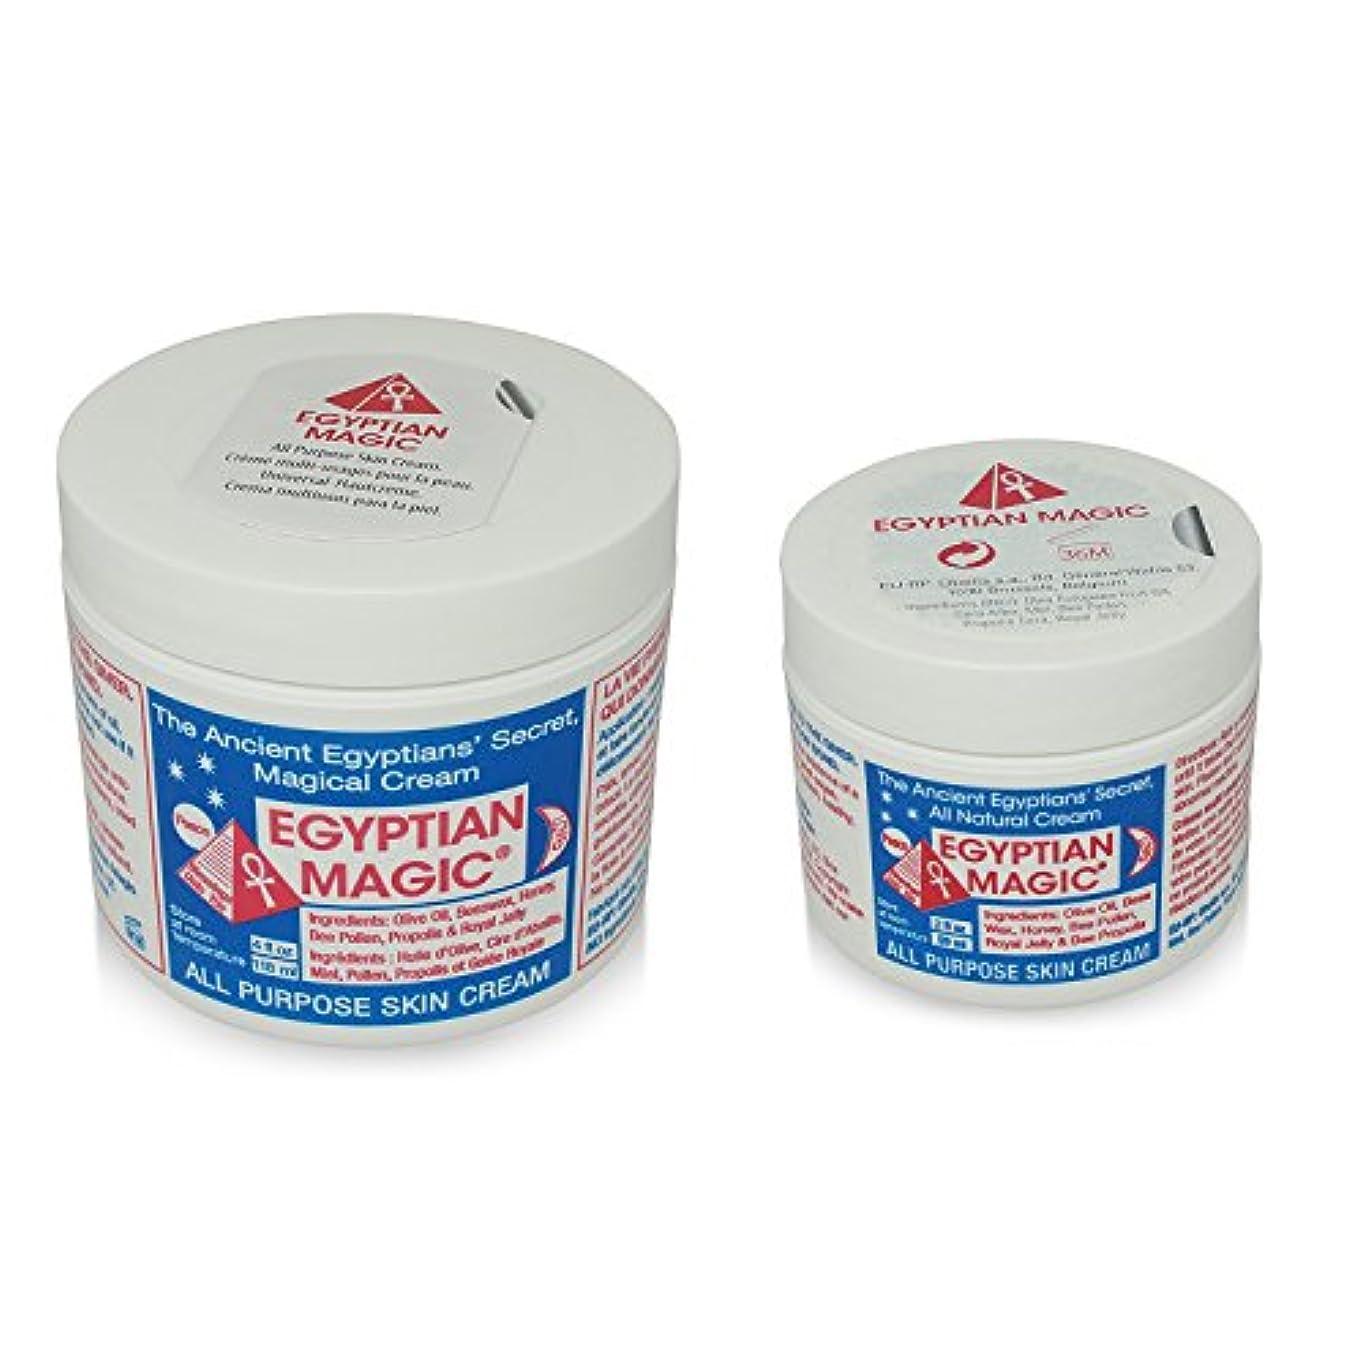 自己尊重うがい薬クレアEgyptian Magic Skin Cream エジプシャンマジッククリーム  (118ml)と(59ml)の2個セット